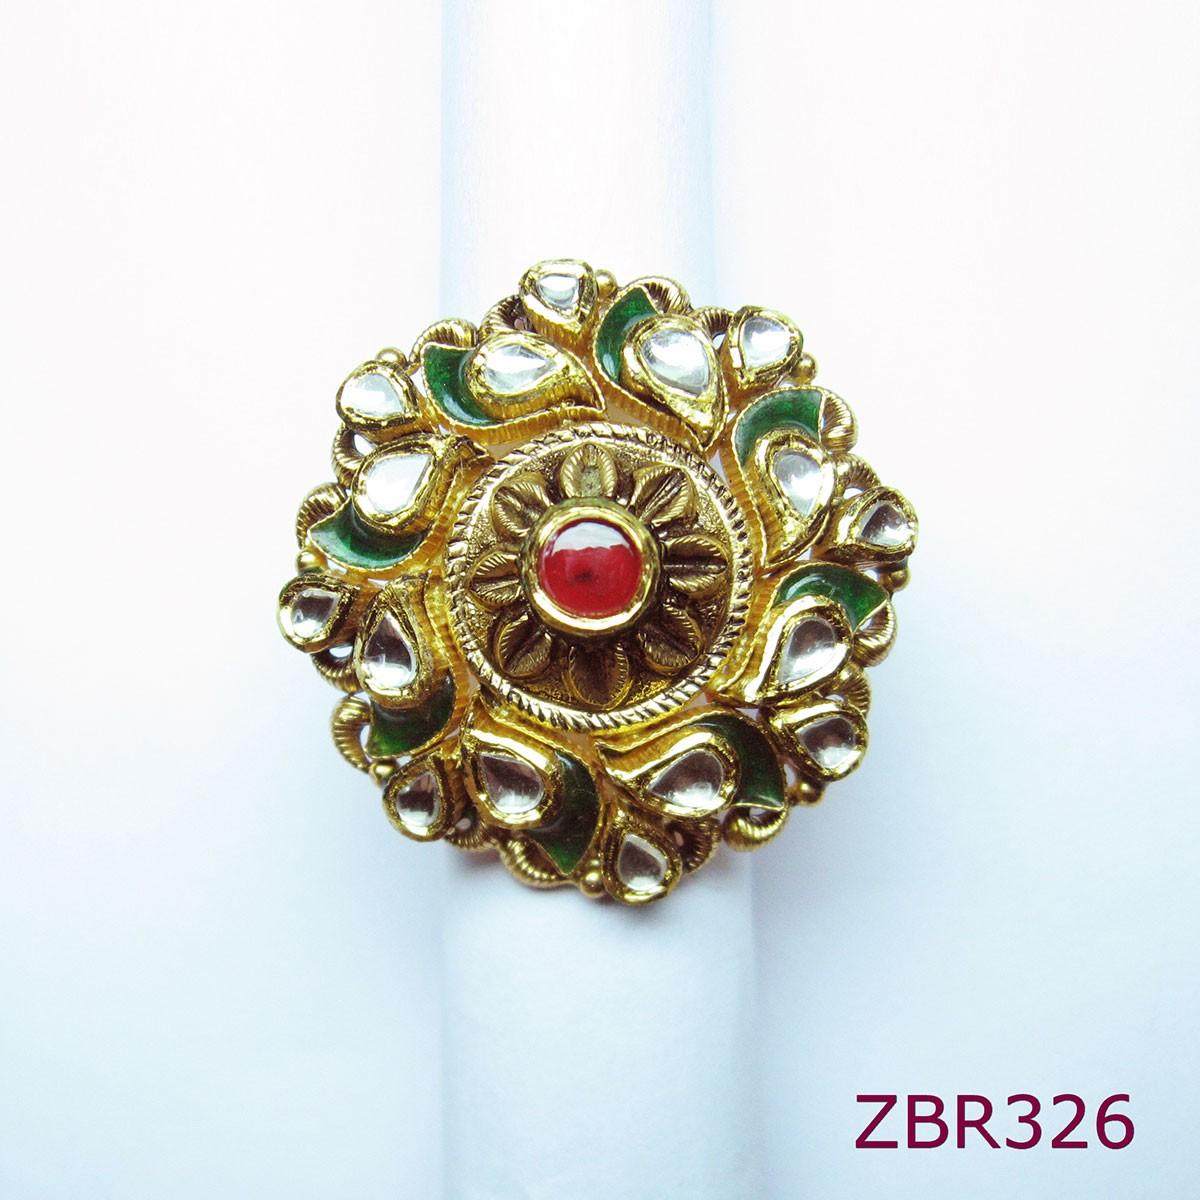 ZBR326